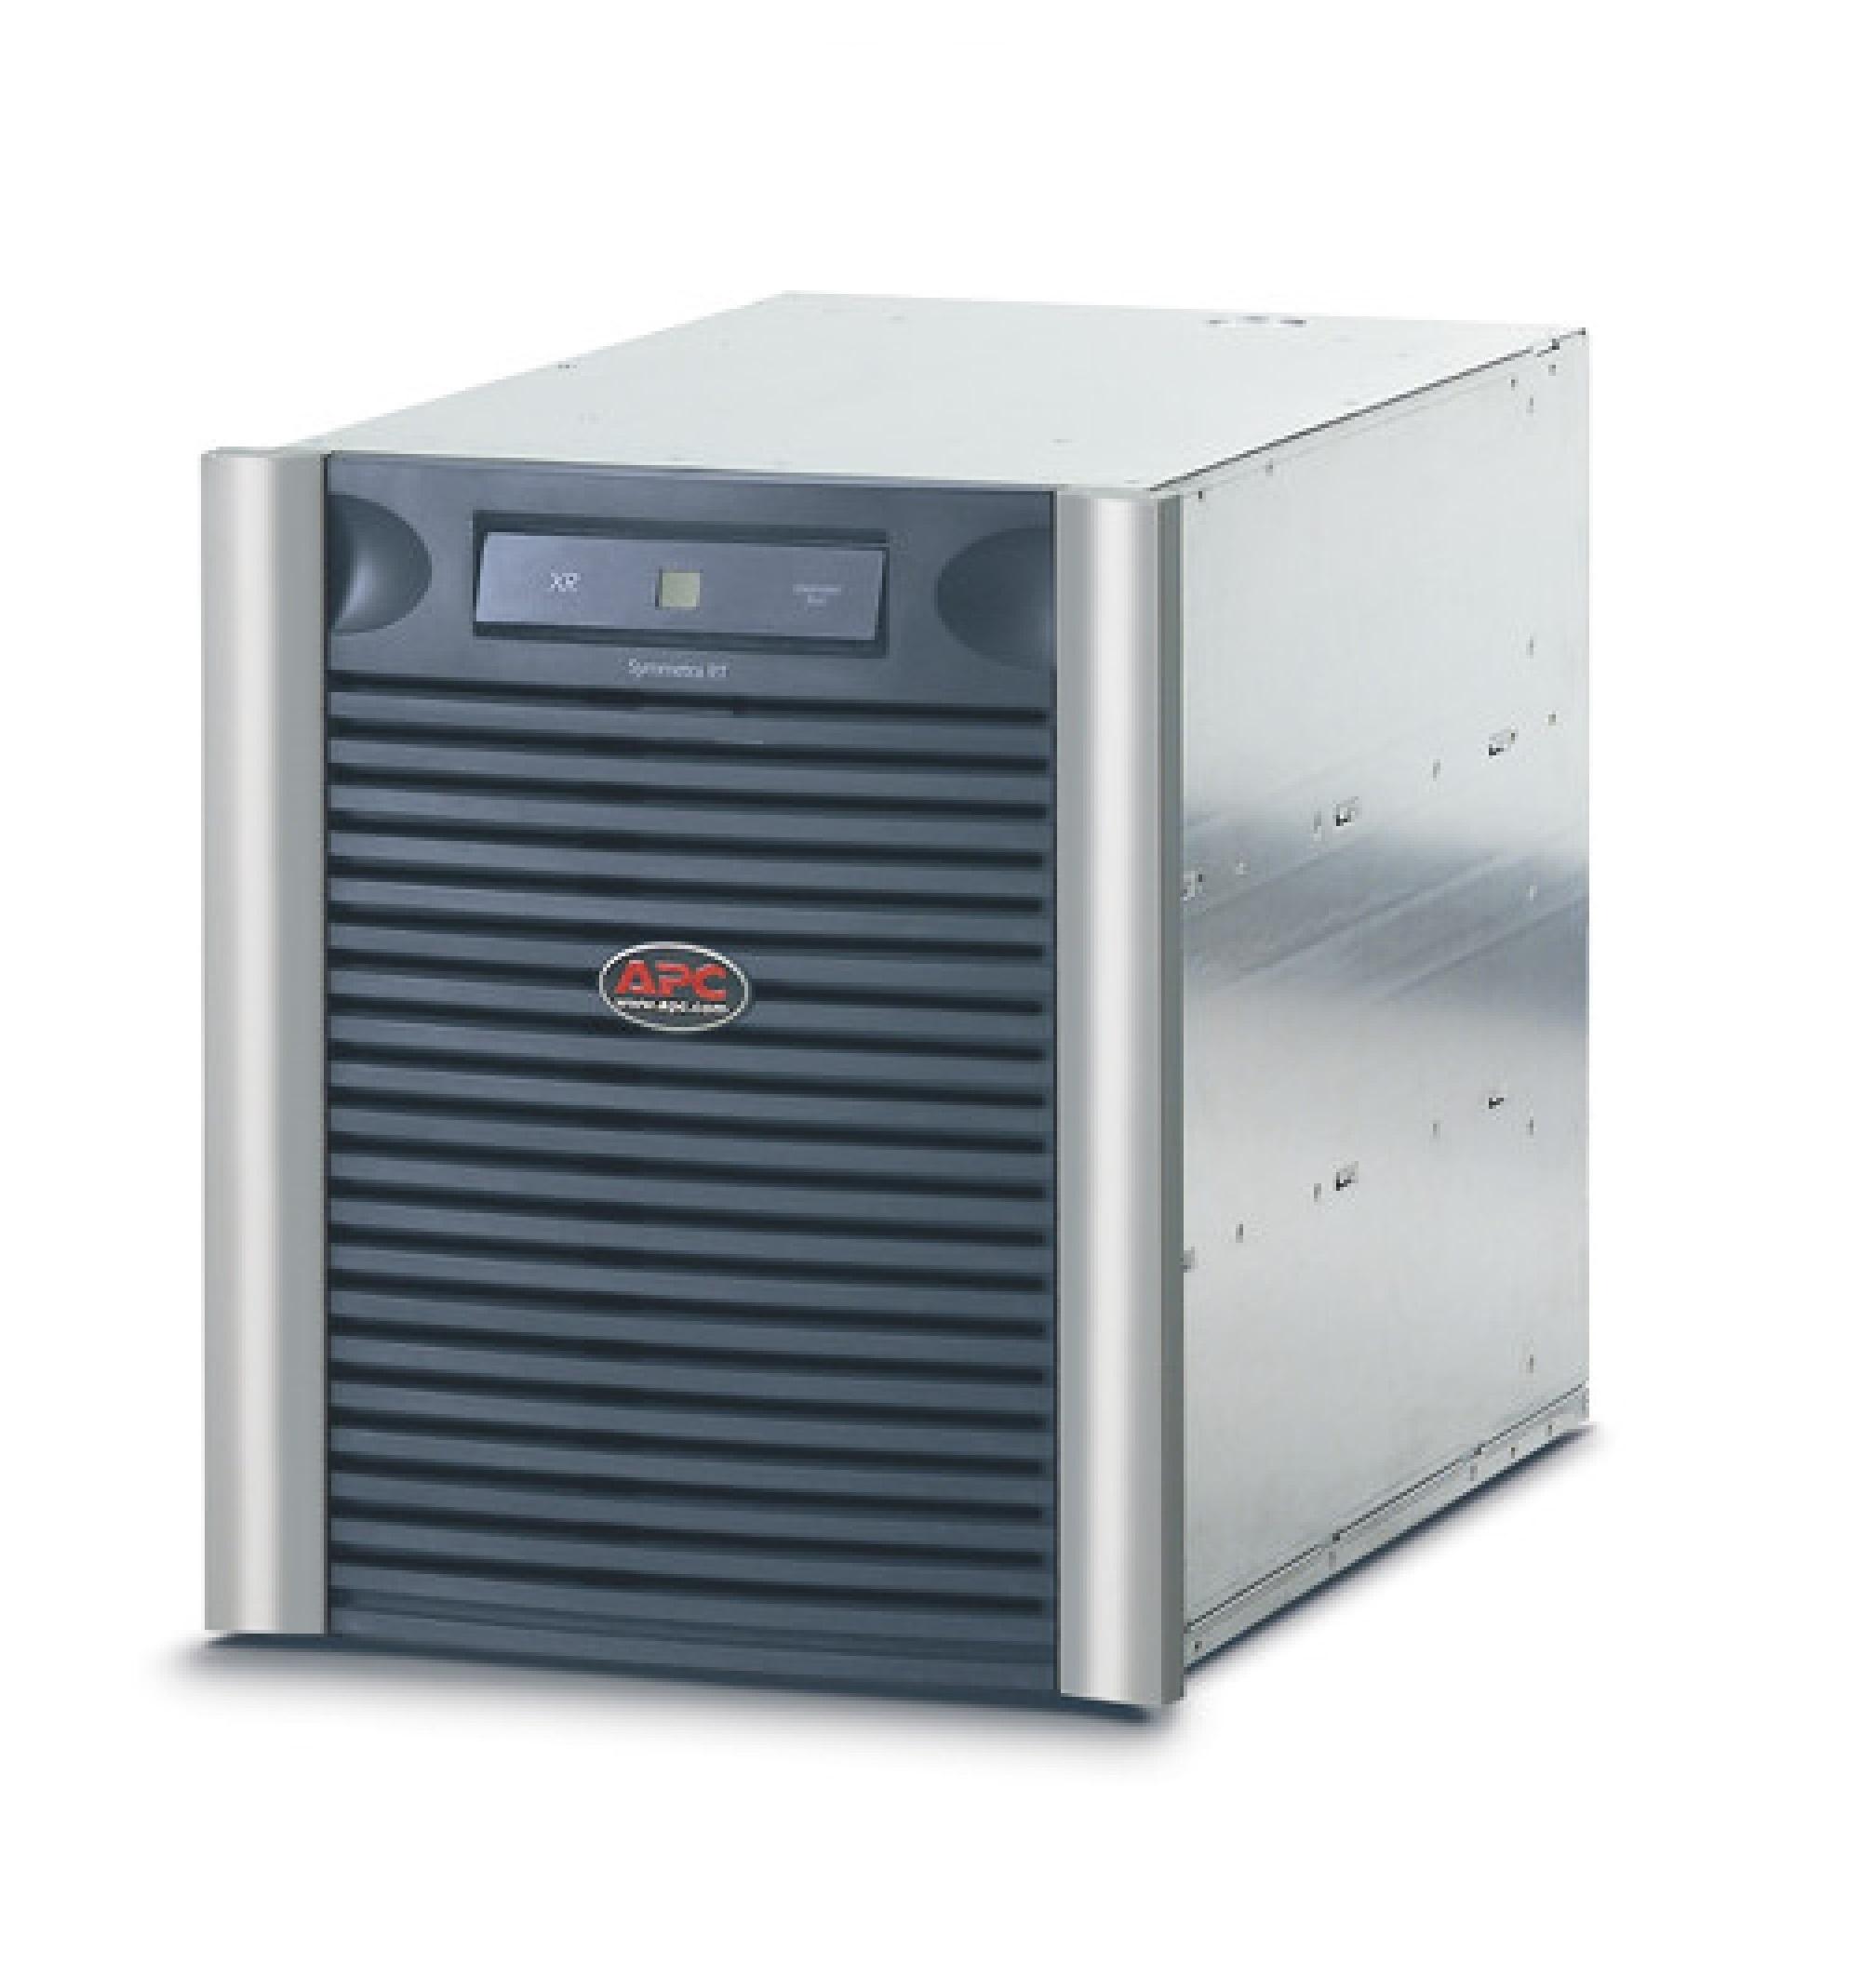 Nobreak Symmetra LX da APC com extensão de autonomia para rack com 9 módulos de baterias SYBT5, 208 V